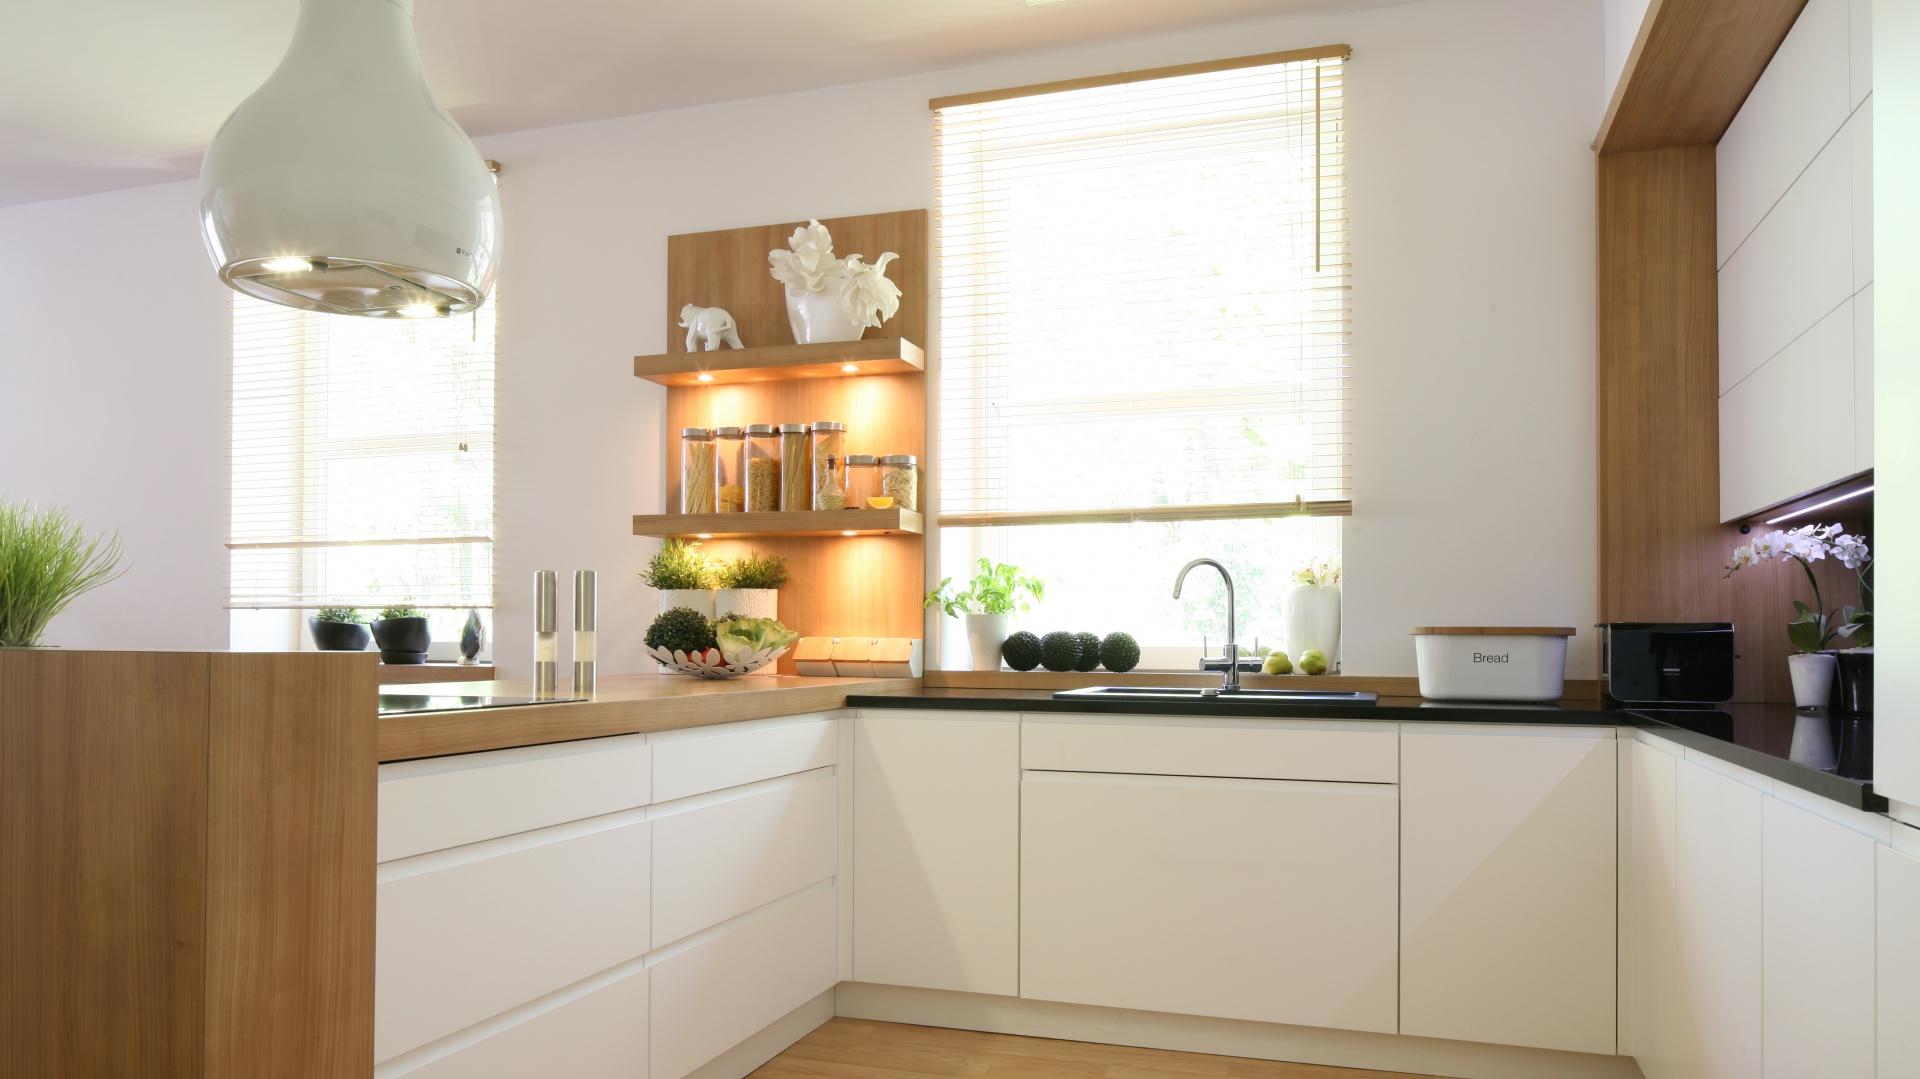 Jeśli chcemy uzyskać efekt Piękna, jasna kuchnia Tak   -> Kuchnia Weglowa Obi